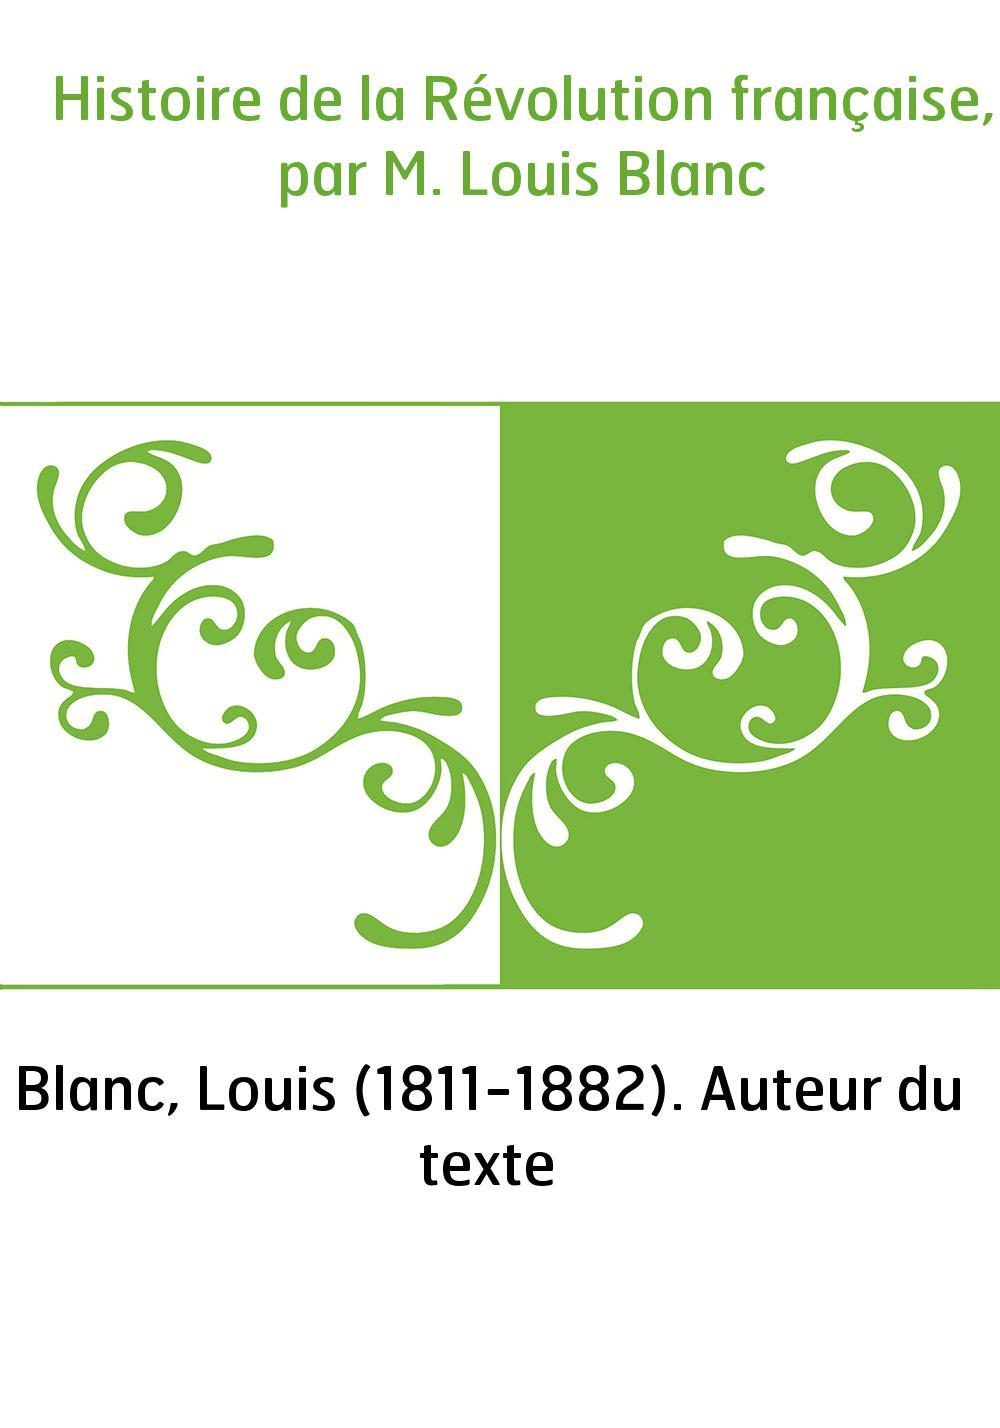 Histoire de la Révolution française, par M. Louis Blanc